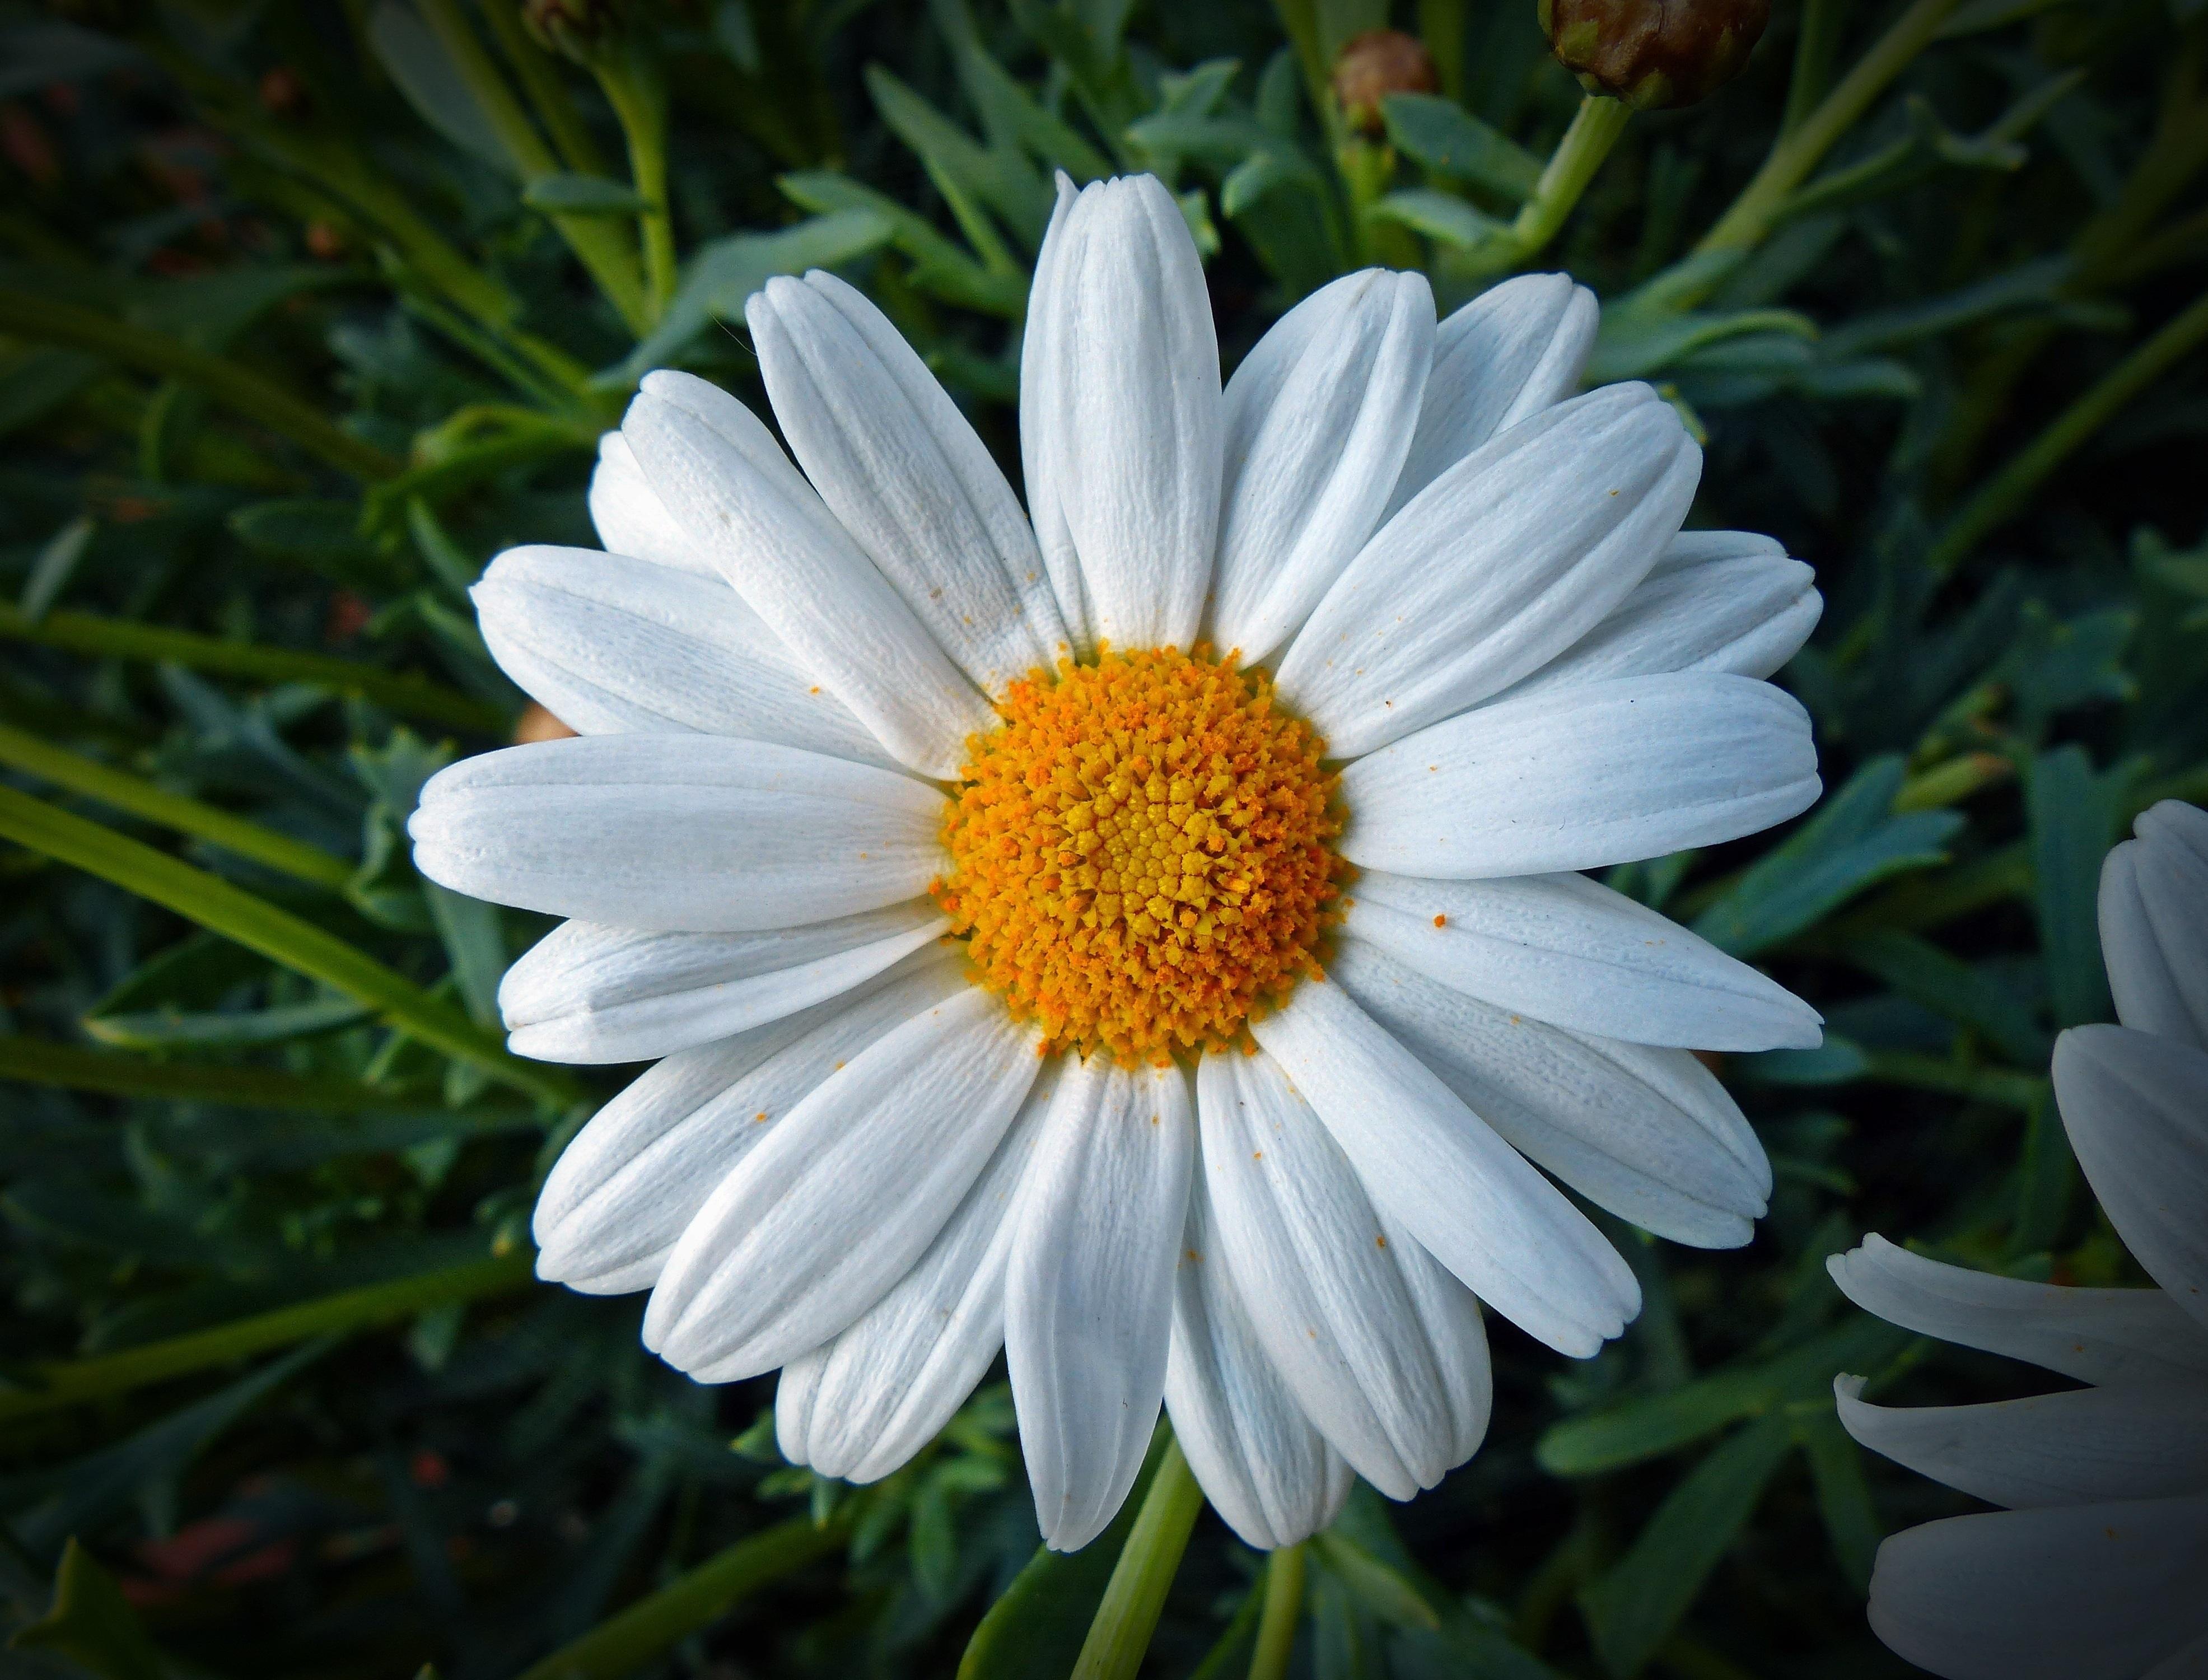 Картинки цветов ромашка, спасибо моя